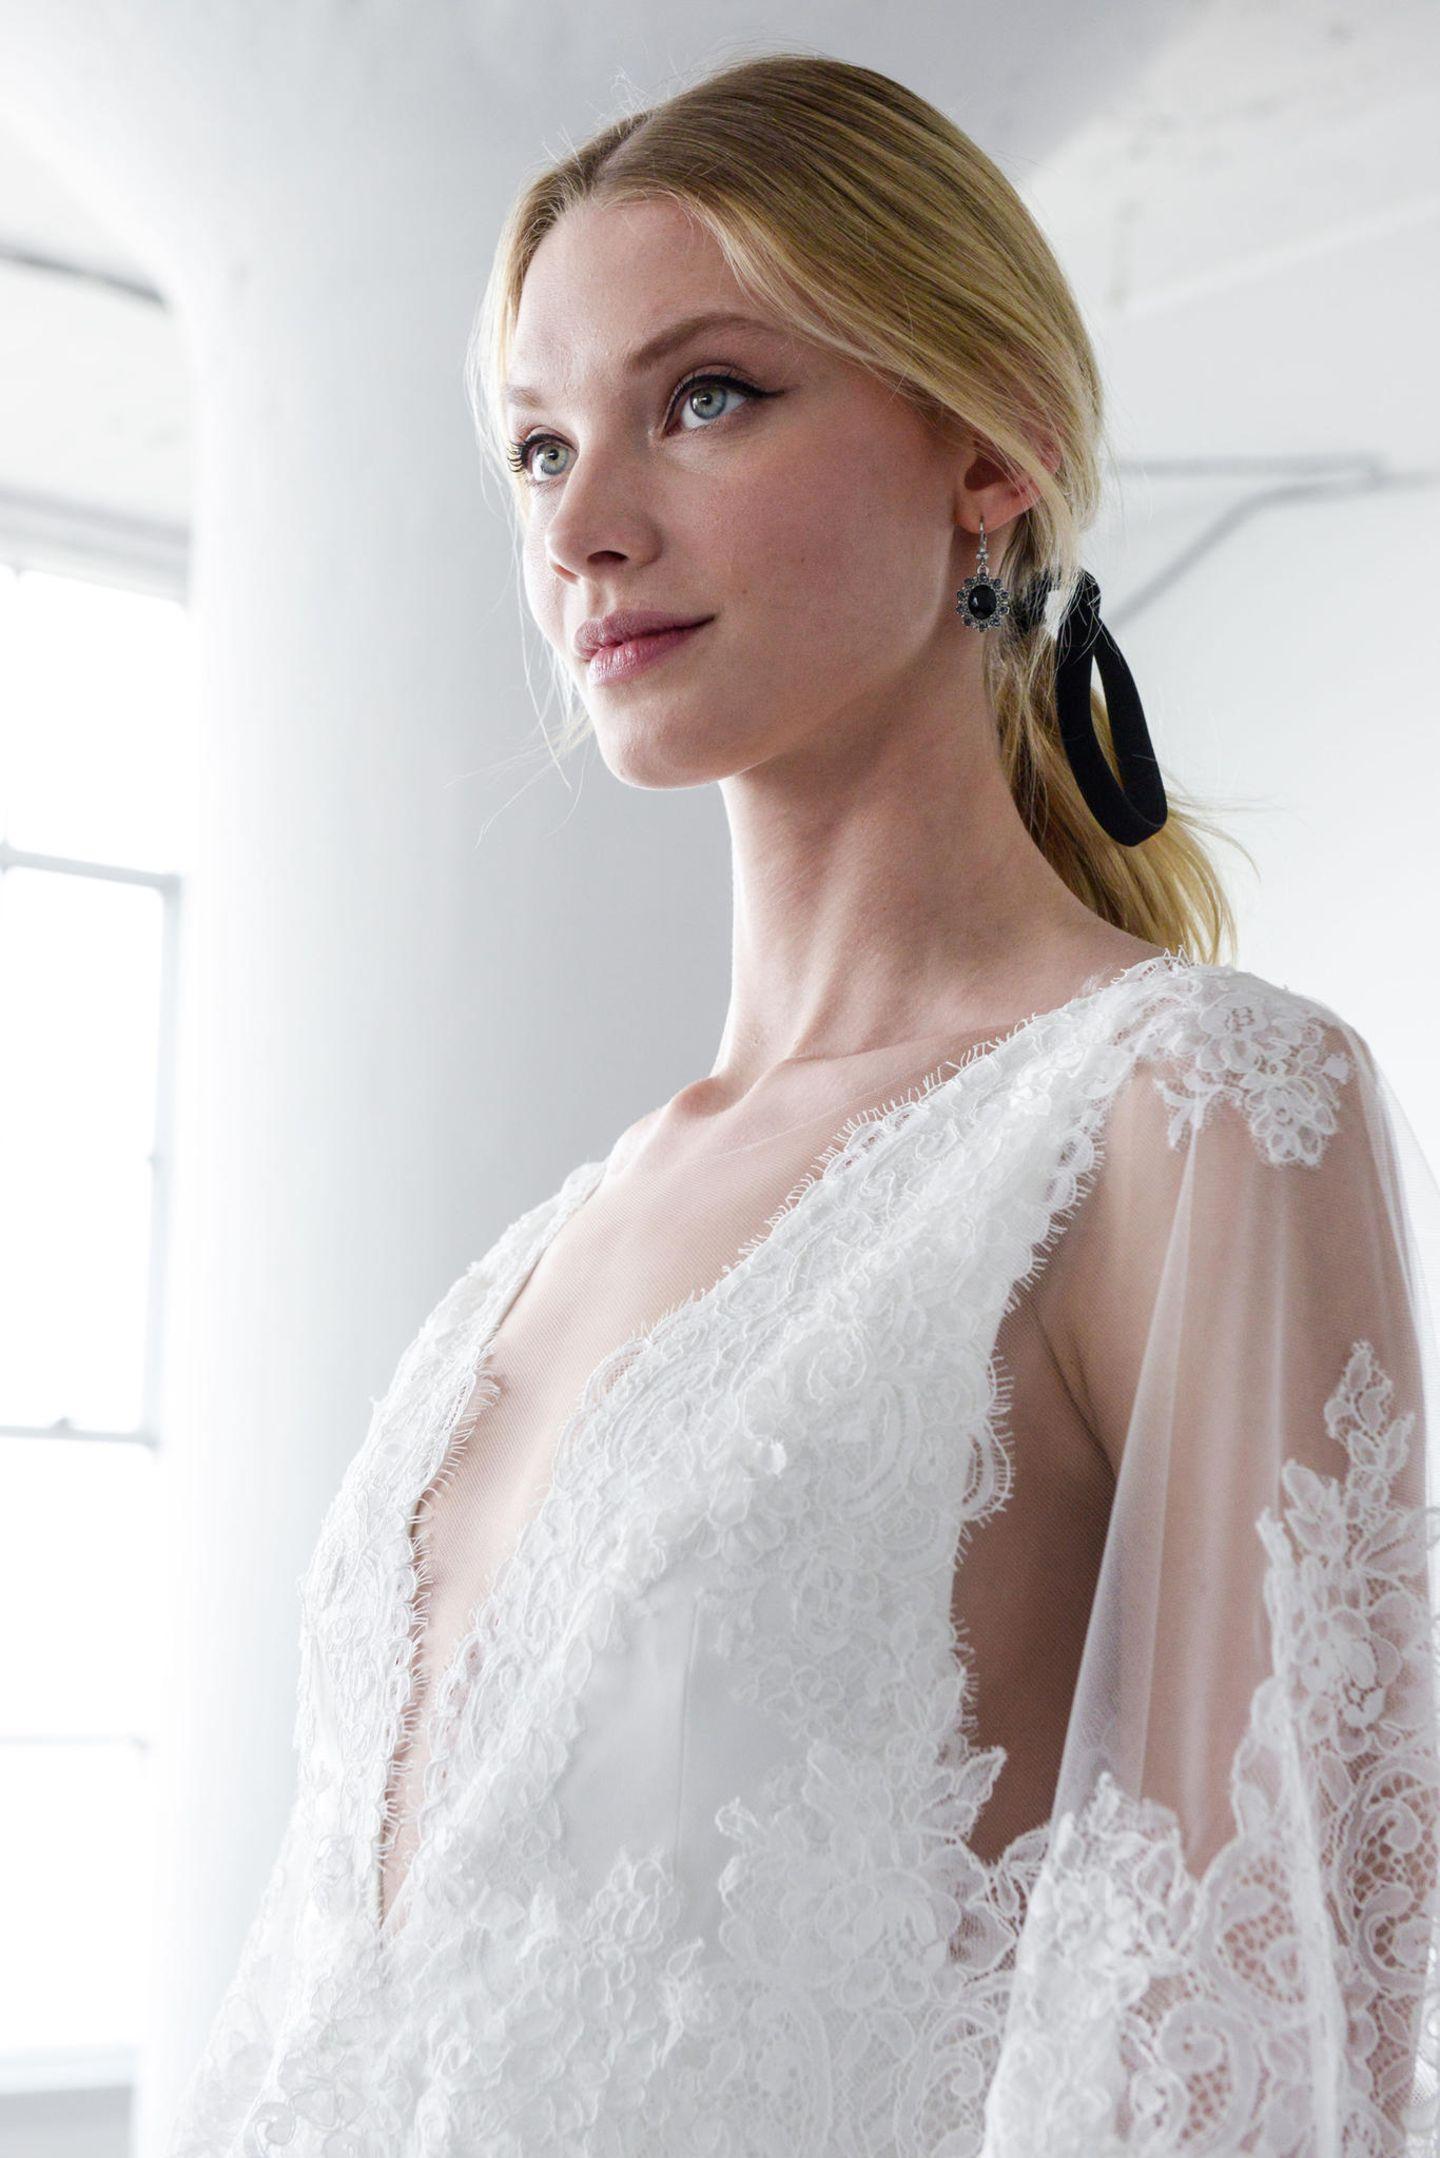 Brautfrisuren - die schönsten Frisuren für kurze, mittellange und